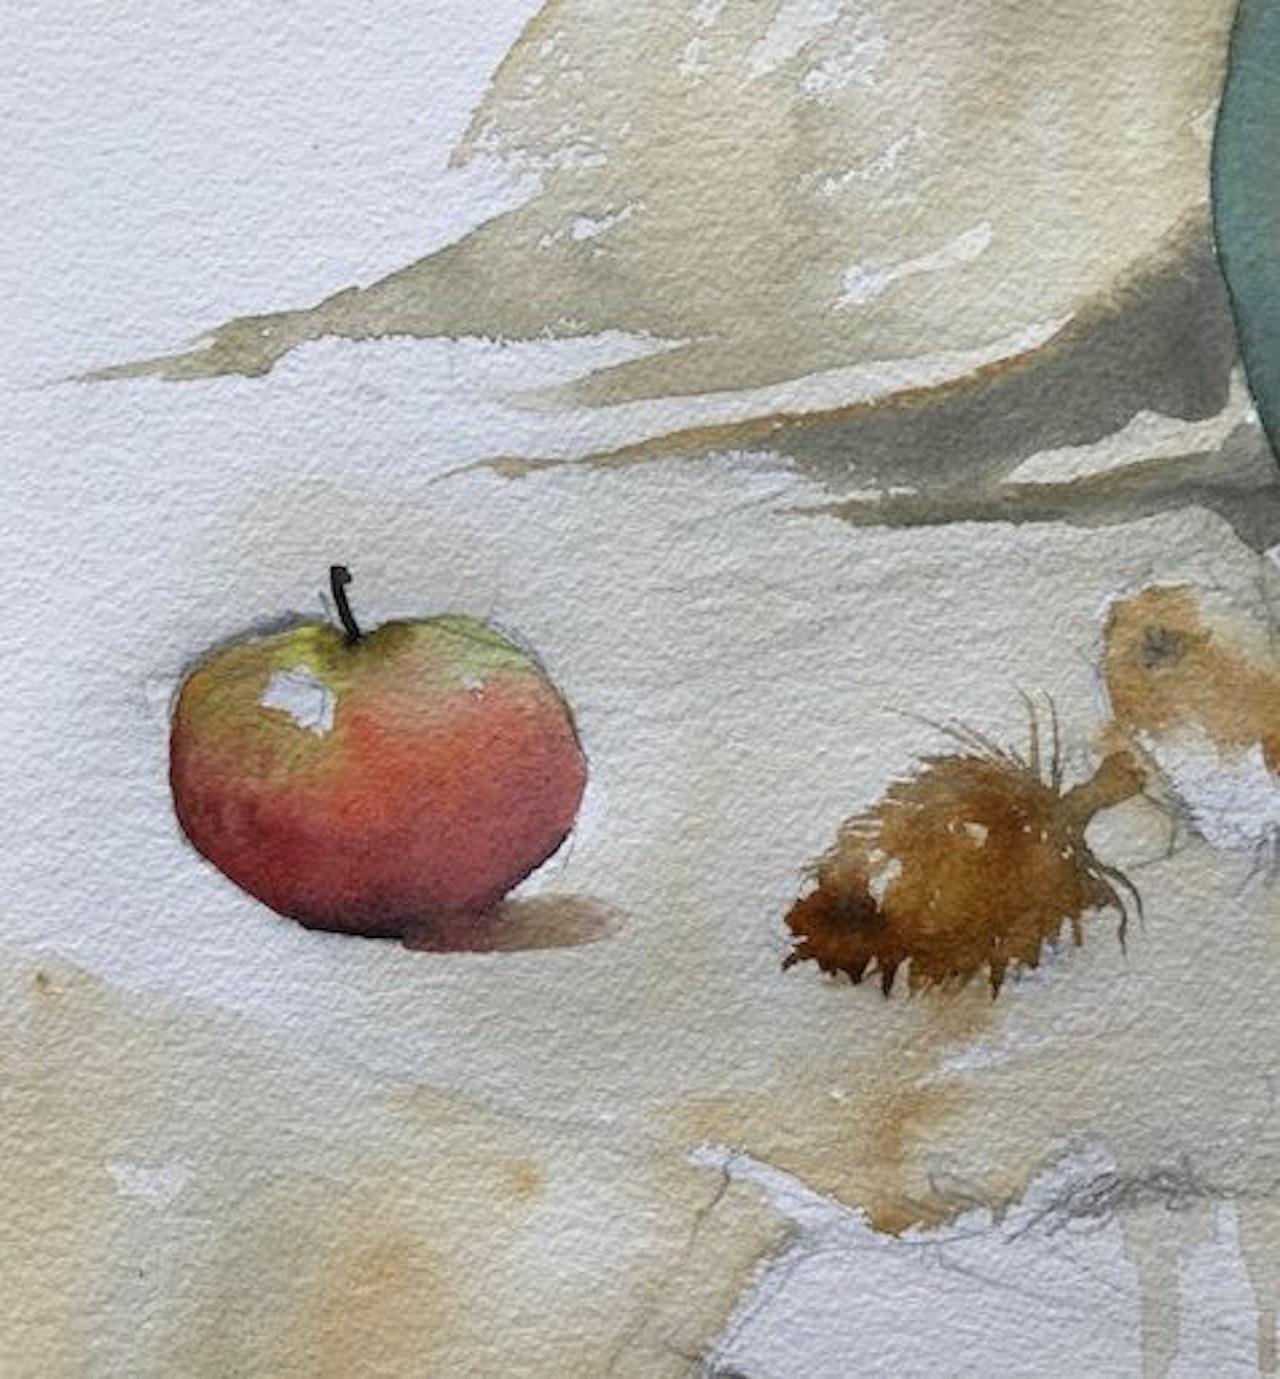 JJ4 - apple detail